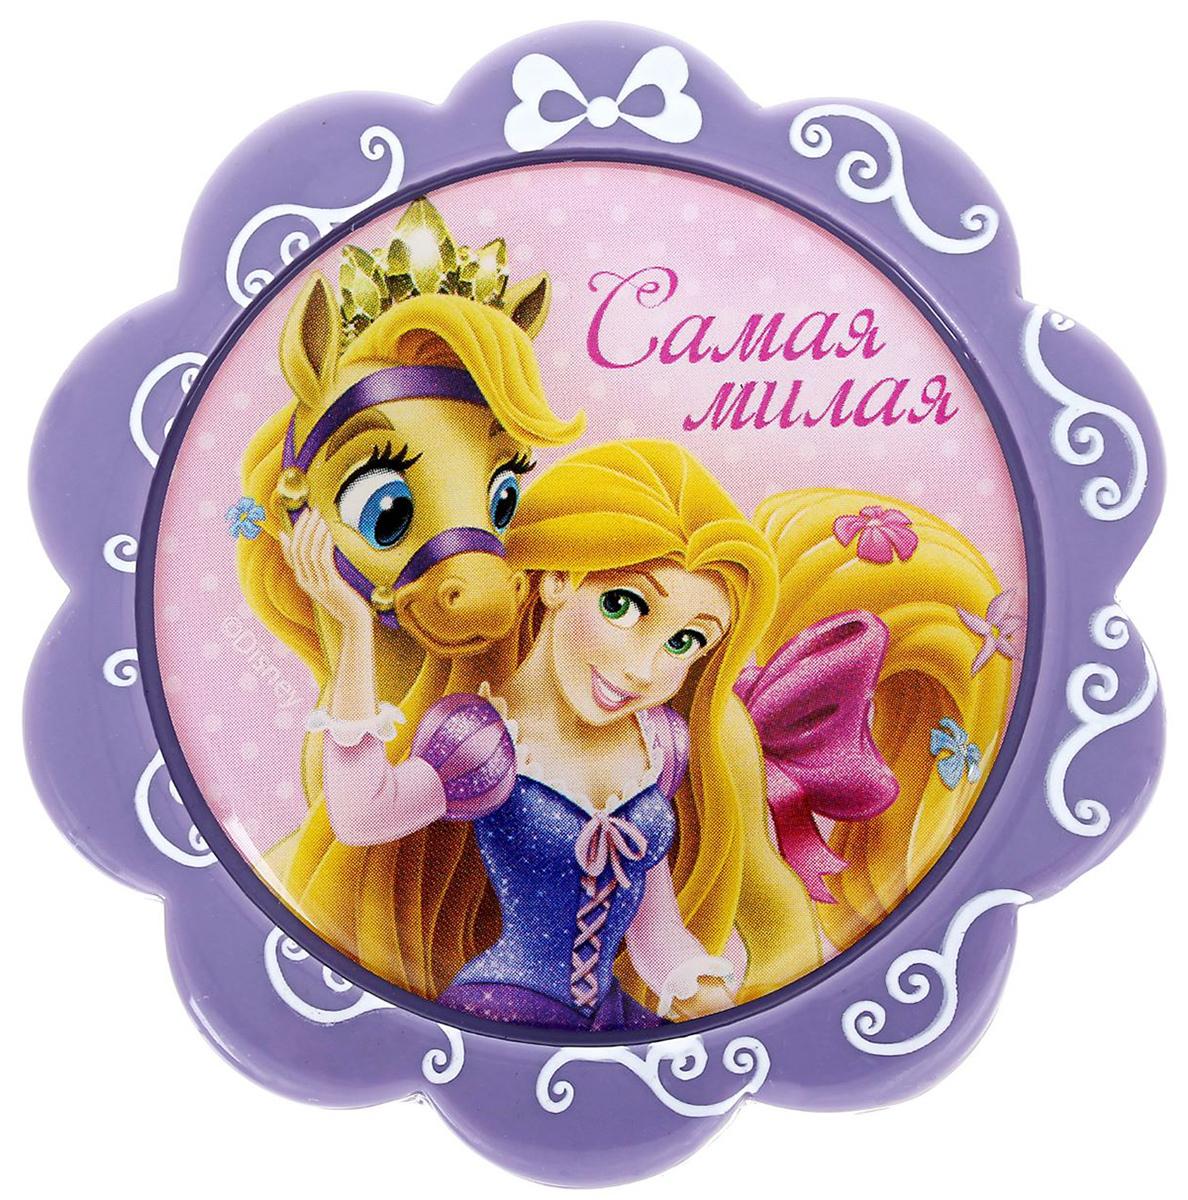 Магнит-рамка Disney Самая милая. Рапунцель, 6 х 6 см. 12568521256852Дарите радость с Disney Удивите малышей уникальным сувениром с любимым персонажем! Он порадует ребёнка стильным дизайном и ярким исполнением. Красочный акриловый магнит будет долгие годы украшать холодильник или другую металлическую поверхность. Изделие дополнено оригинальной открыткой, где можно написать тёплые слова и сделать маленький подарок более личным. Соберите коллекцию аксессуаров с любимыми героями!